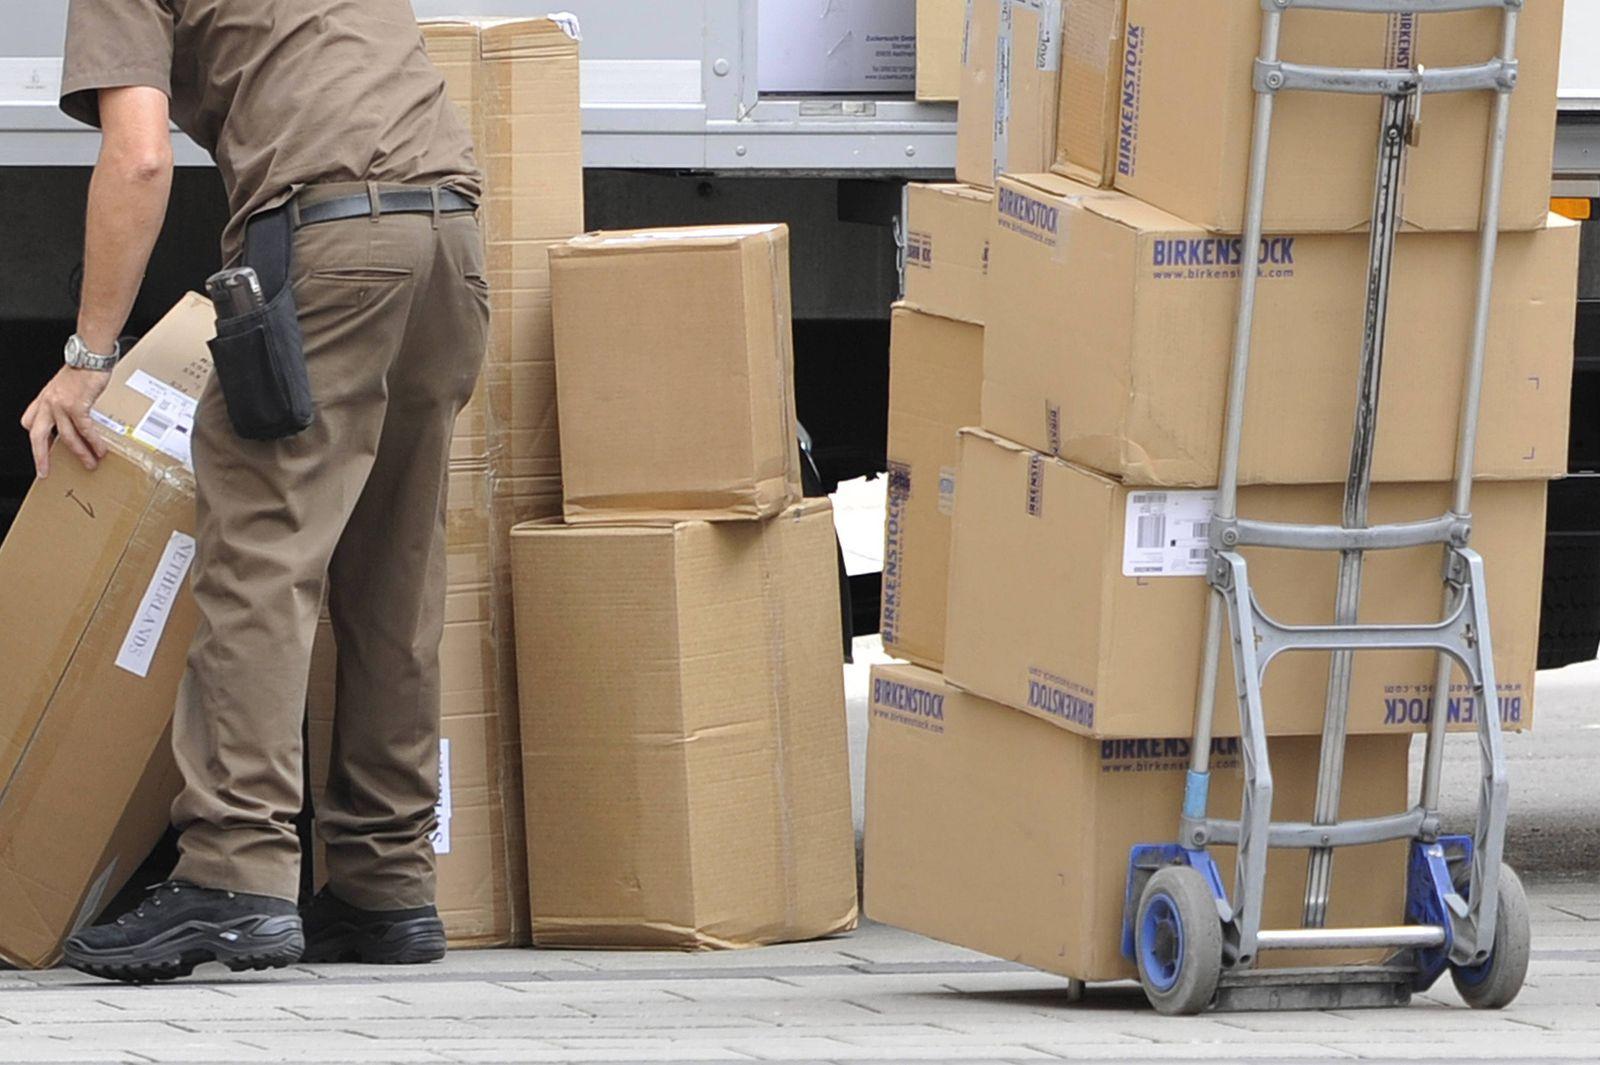 Kampf gegen Dumpingloehne bei Paketboten. Archivfoto: UPS Paketzusteller bei der Arbeit,Paketbote,United Parcel Service